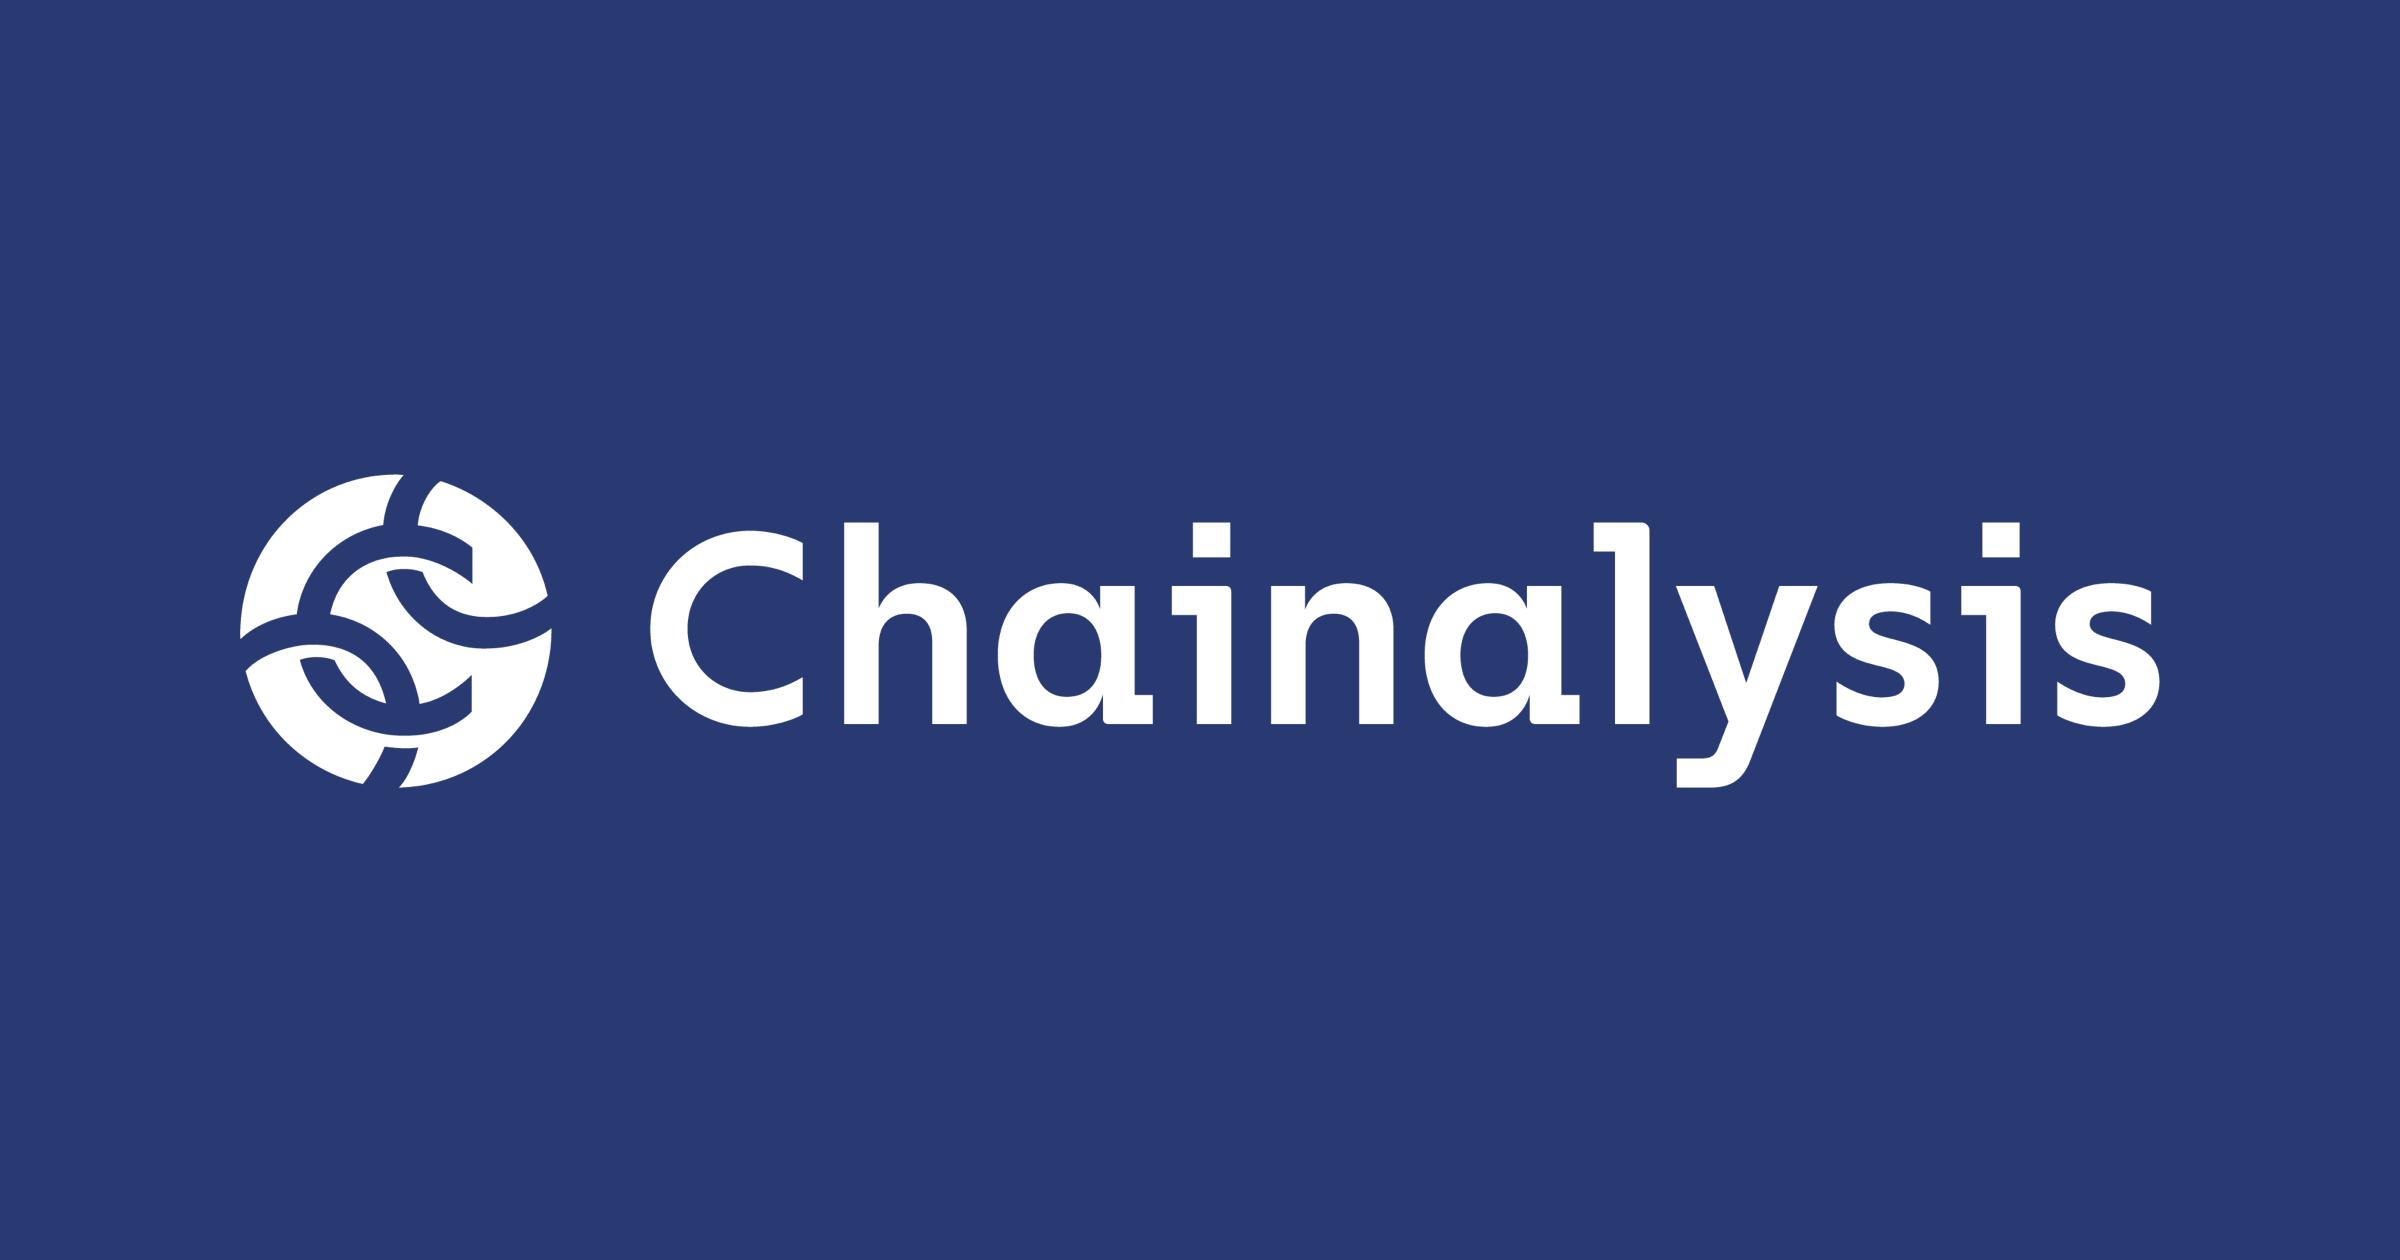 The Blockchain Analysis Company - Chainalysis